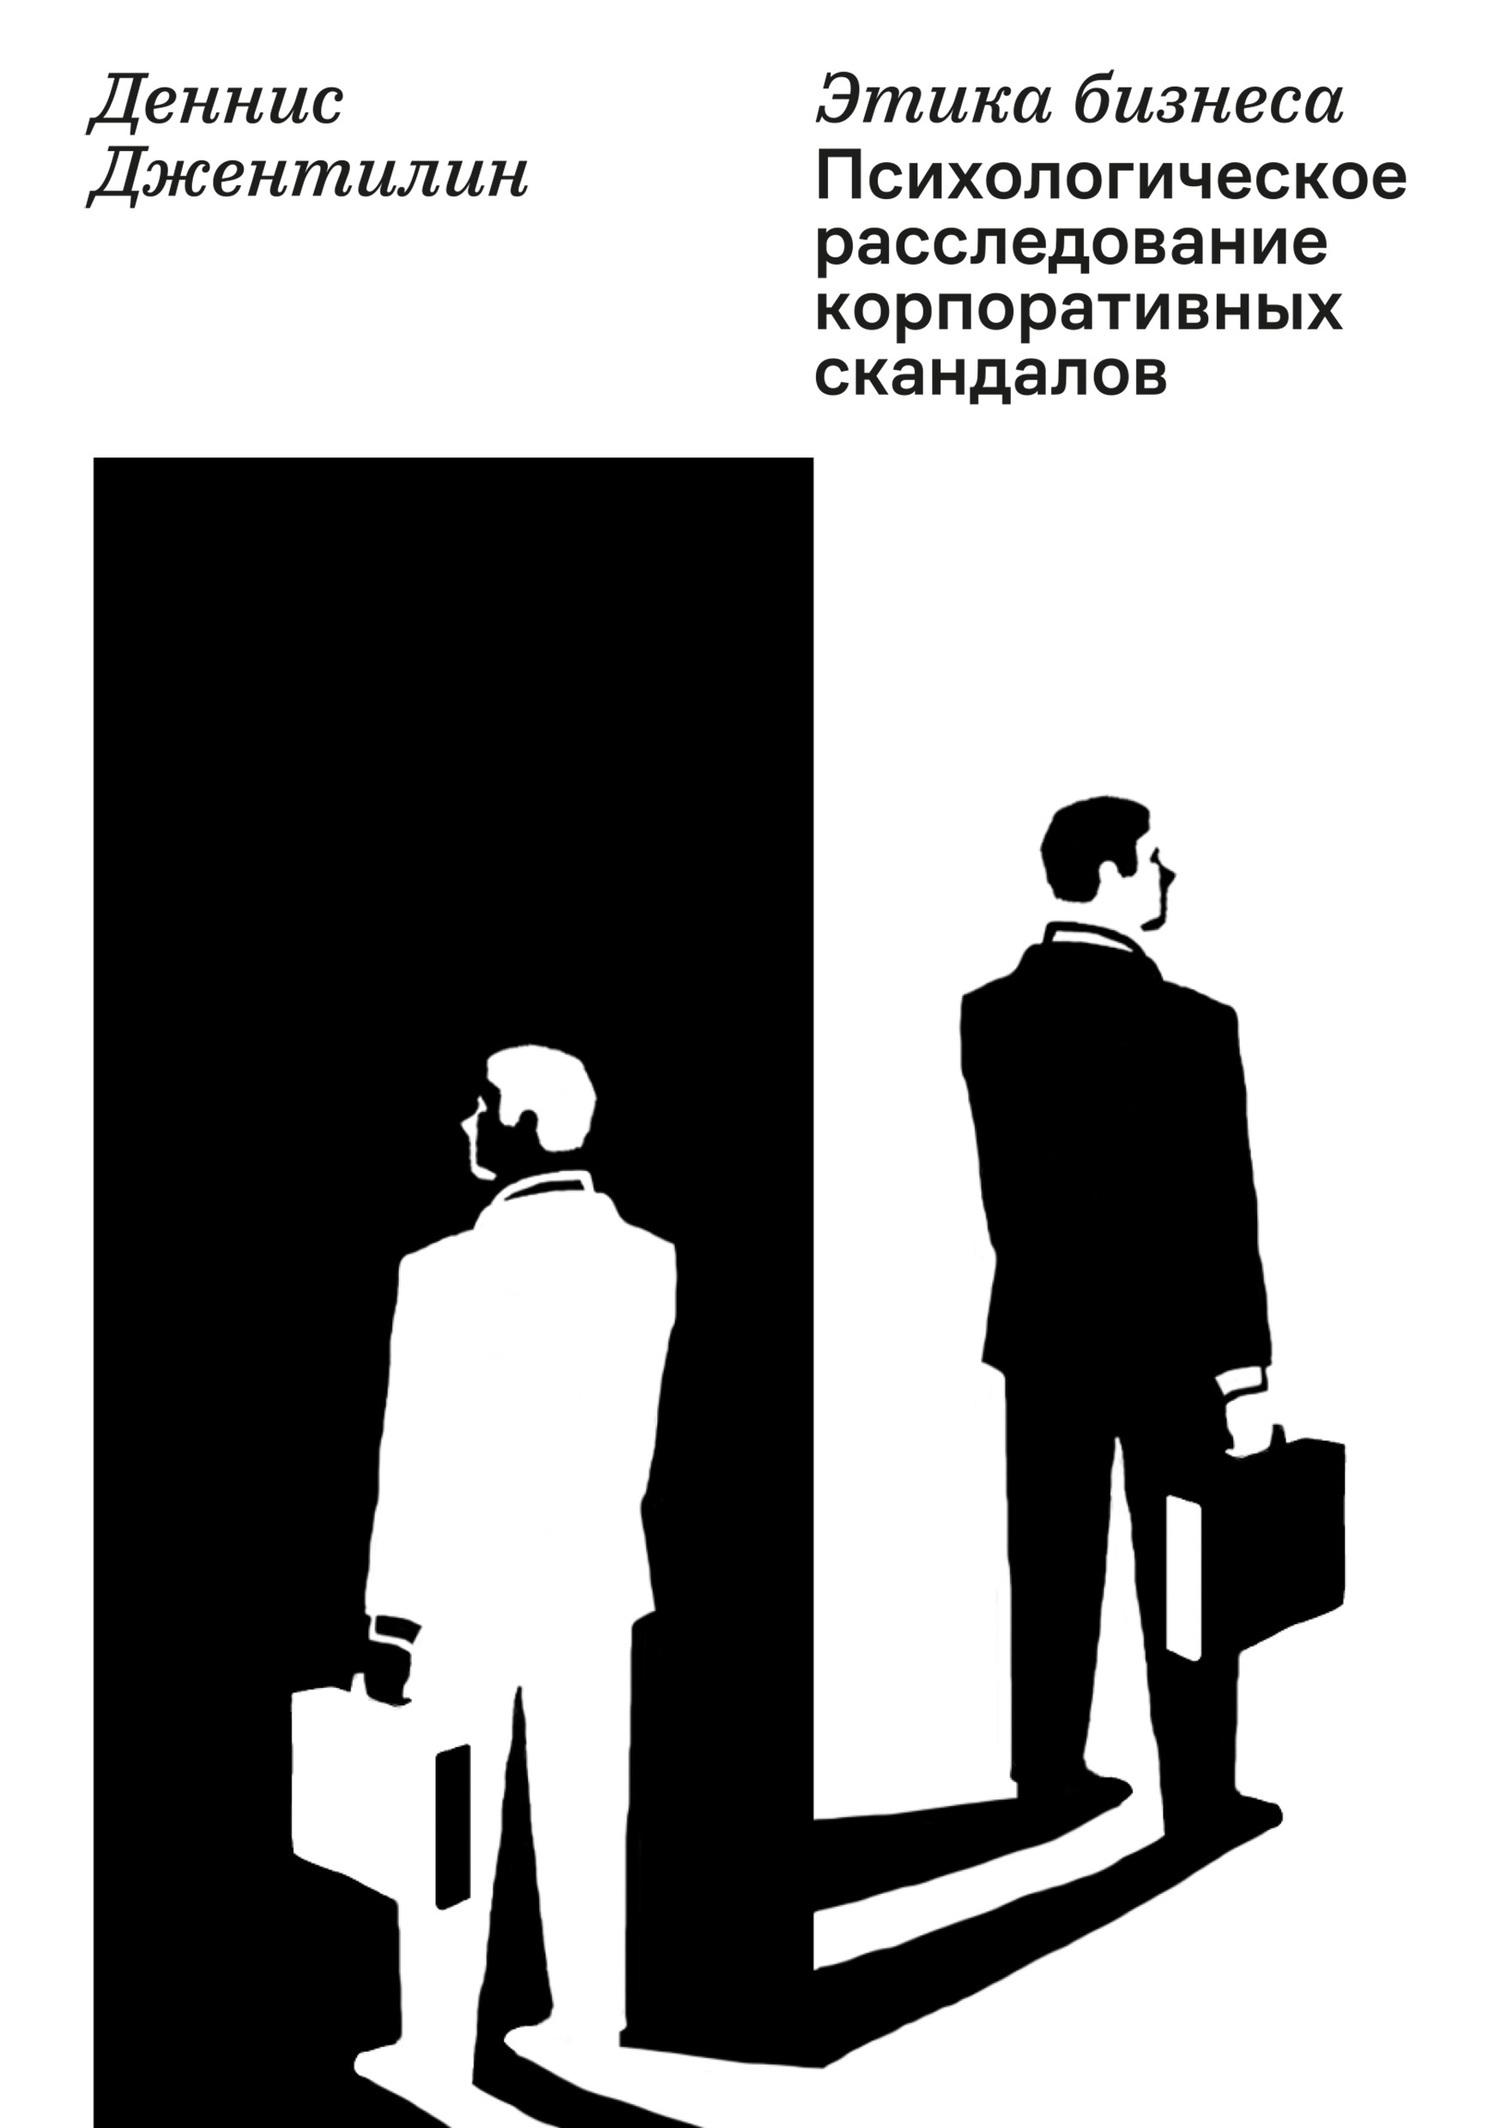 Обложка книги. Автор - Деннис Джентилин